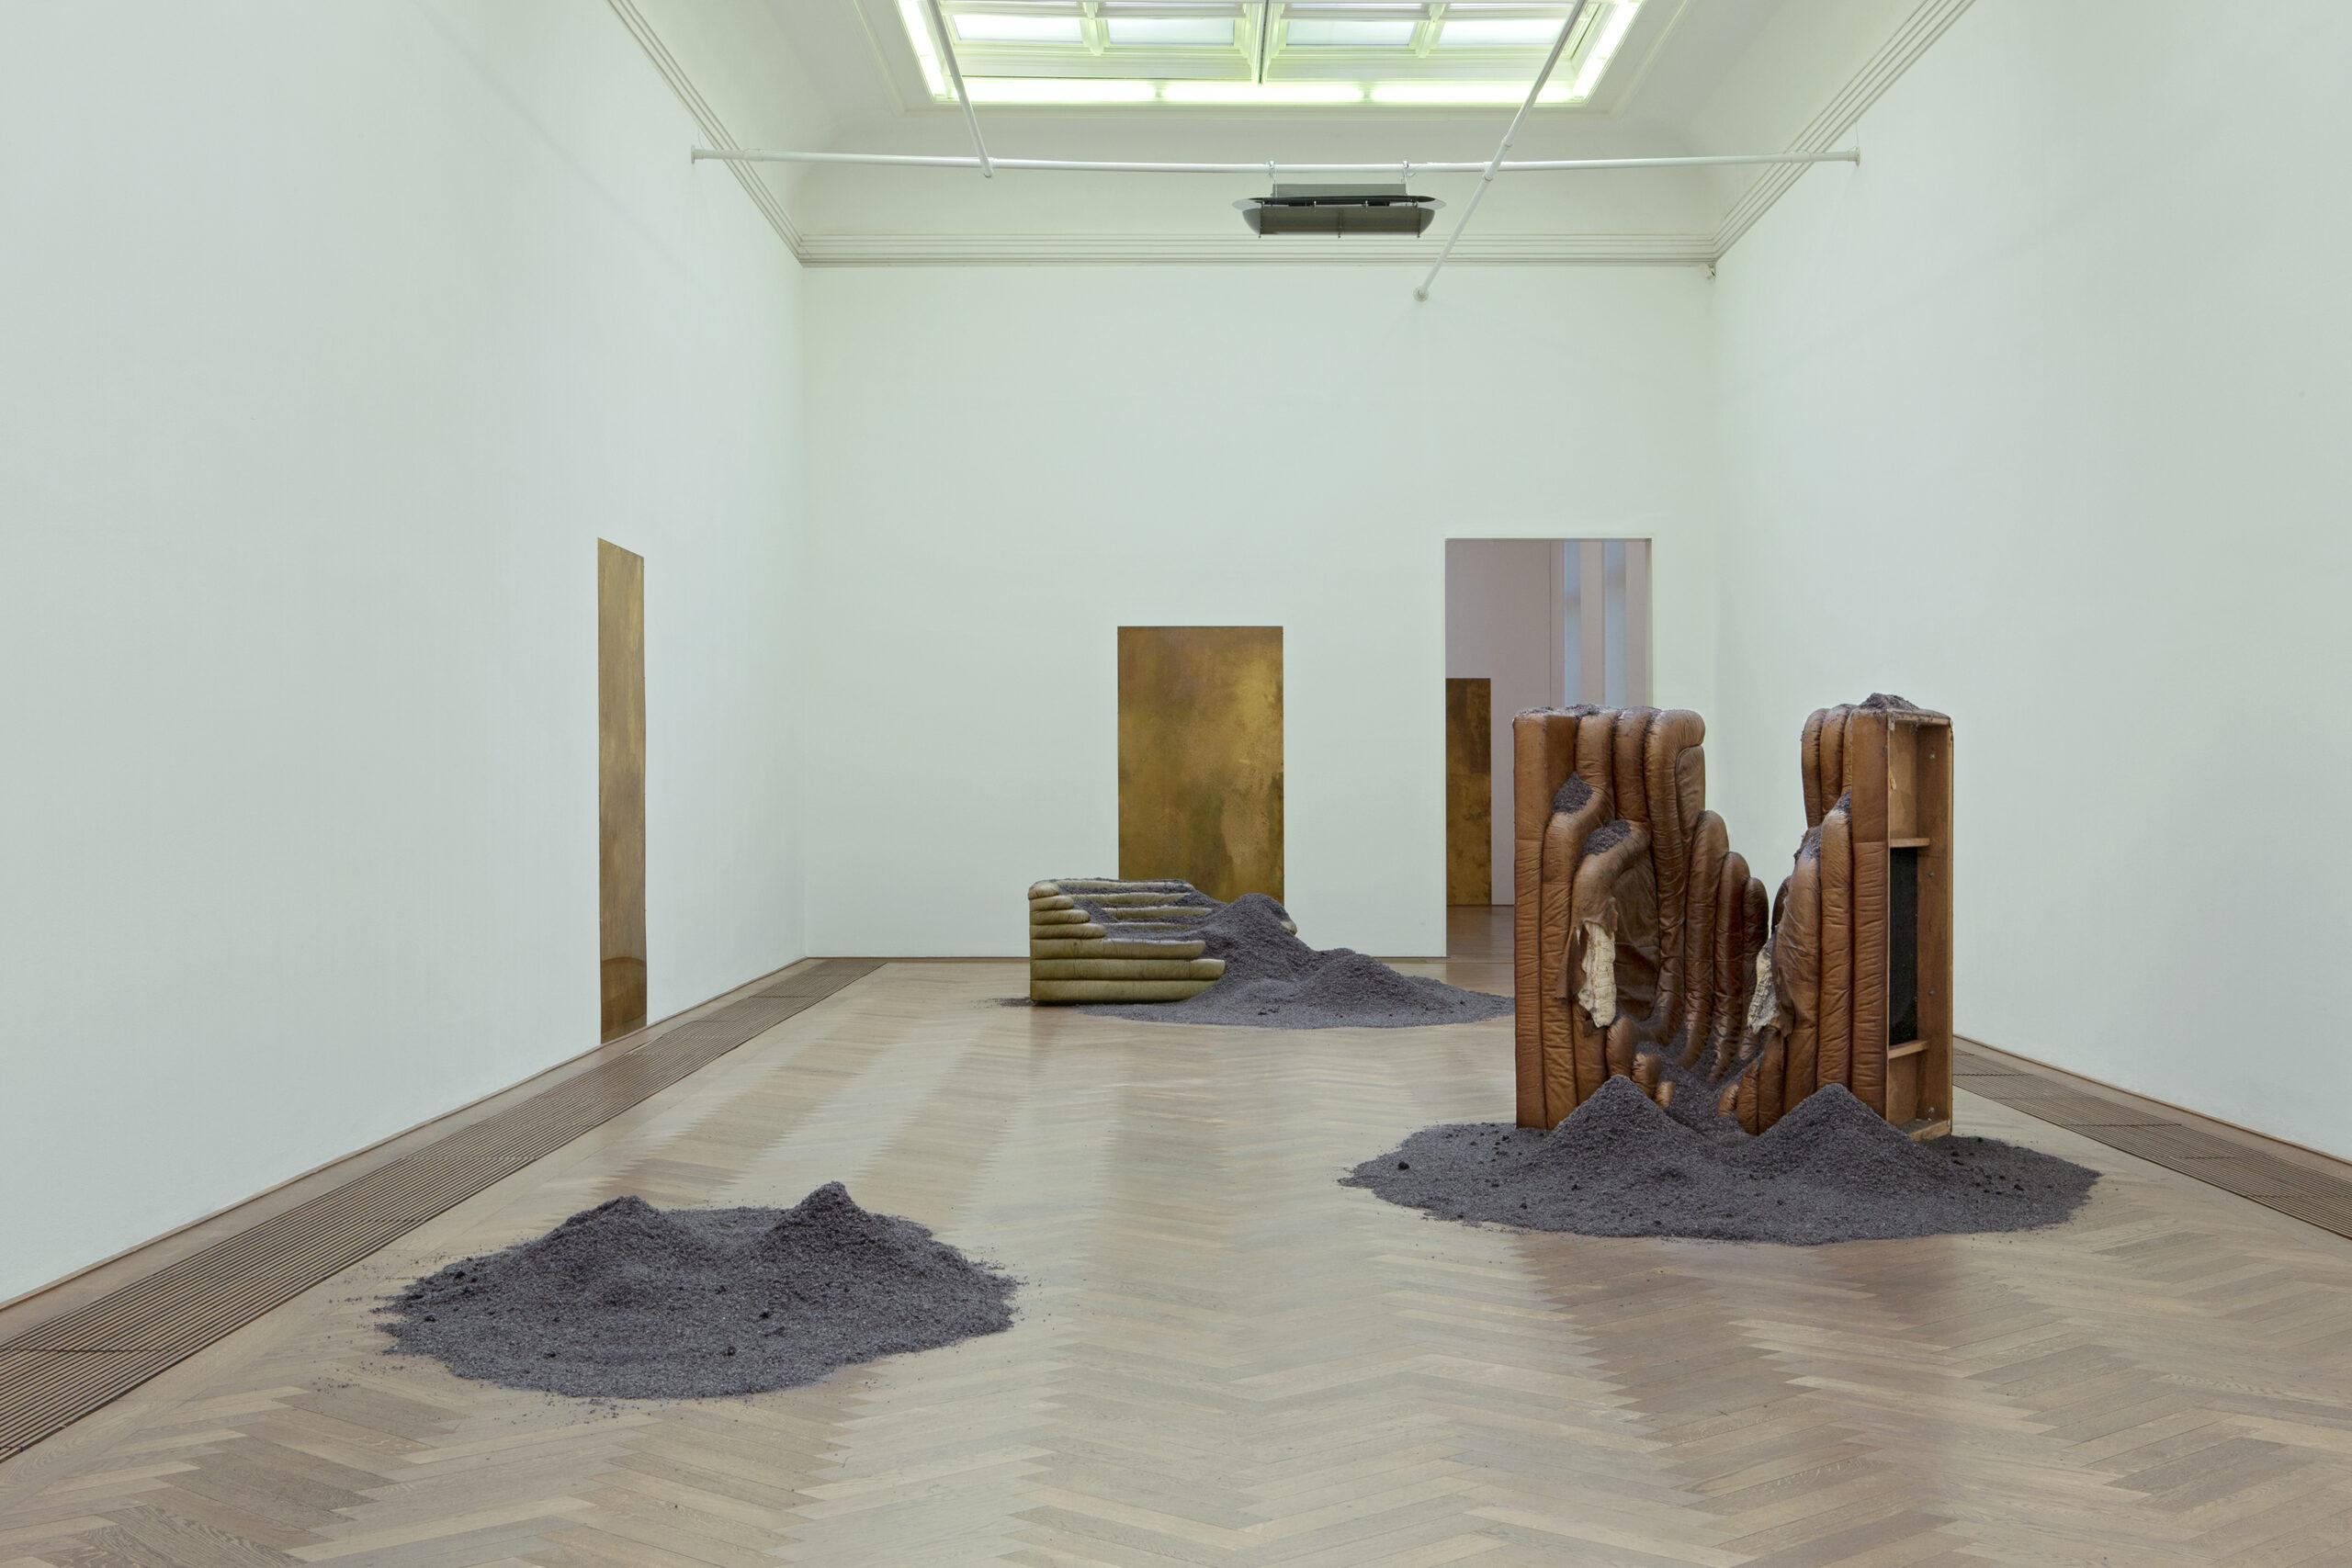 Lezioni d'artista. Il ciclo d'incontri di Palazzo Grassi è inaugurato da Dora Budor